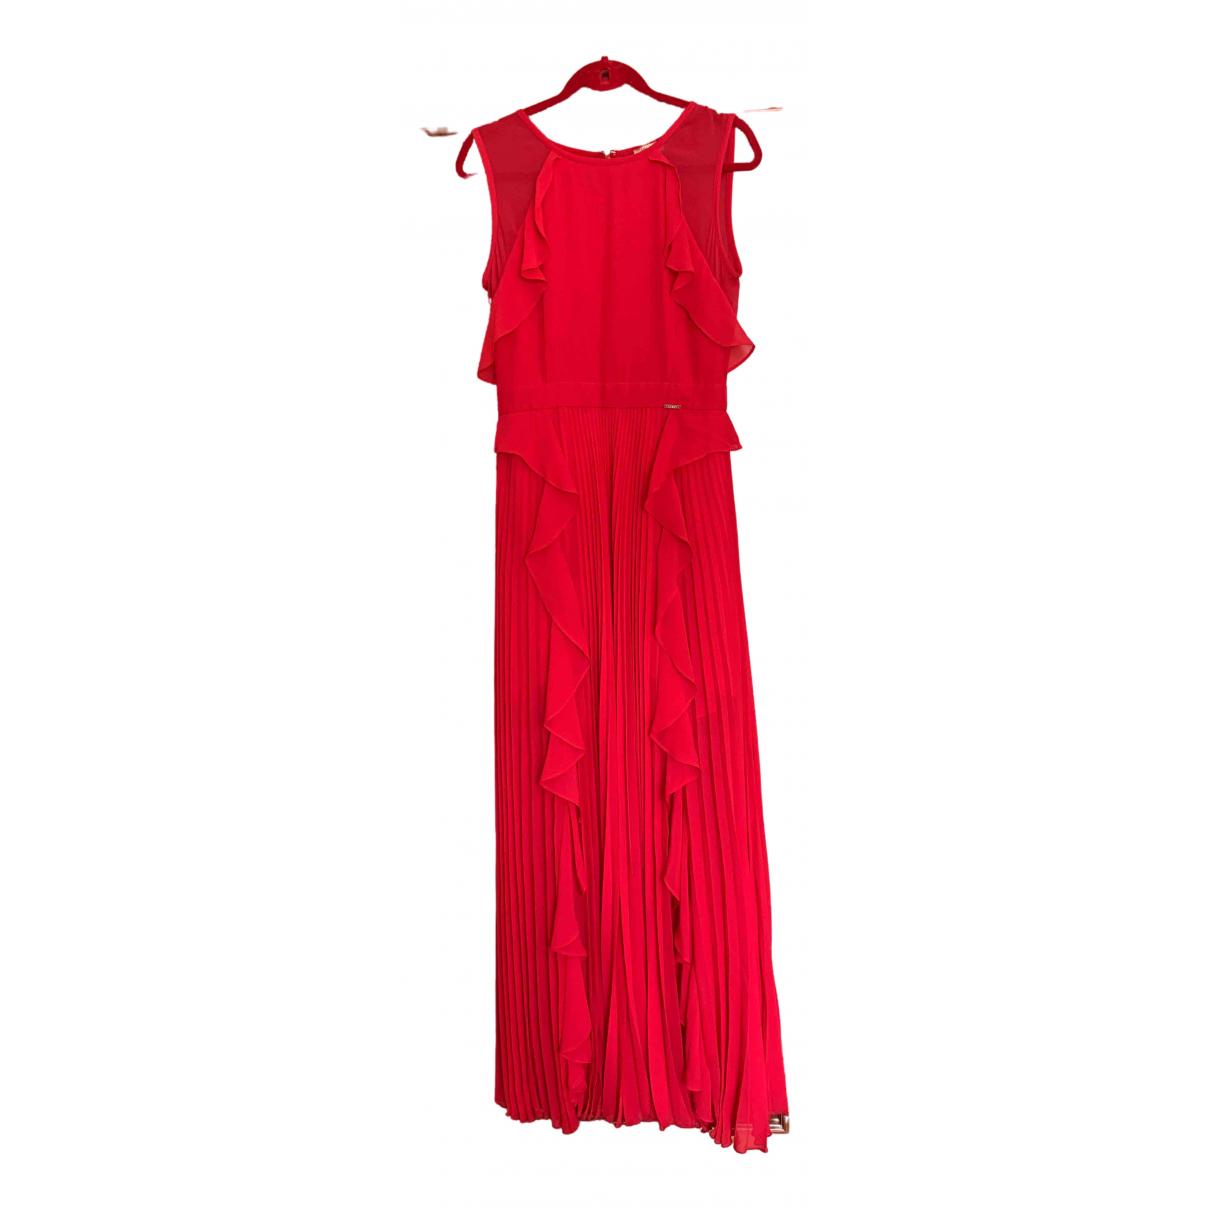 Liu.jo \N Kleid in  Rot Synthetik